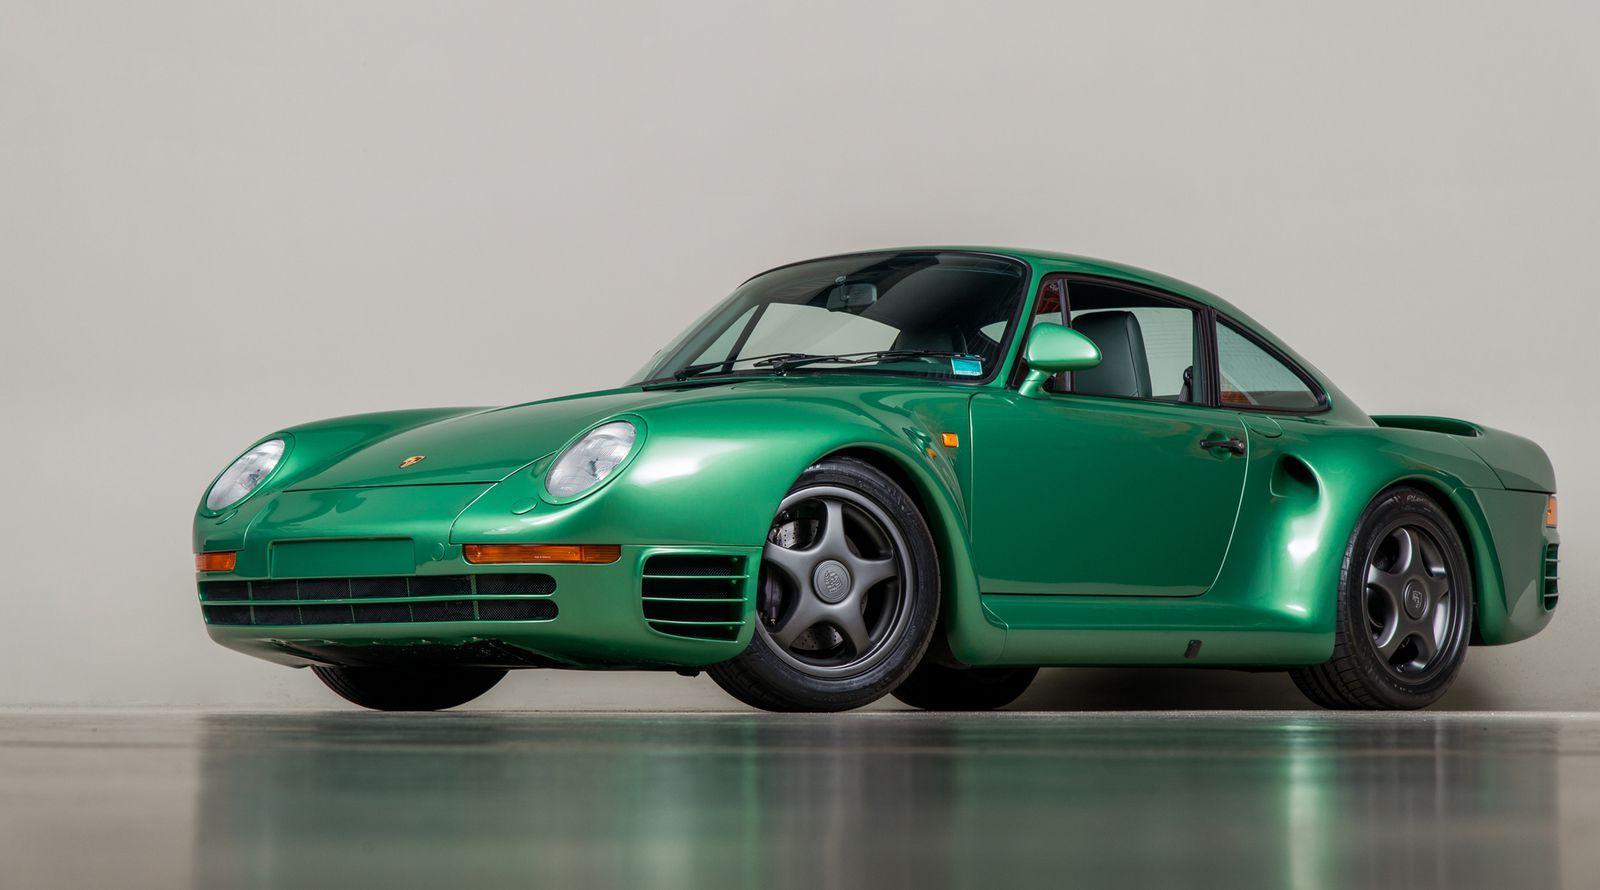 The 20 Best All Wheel Drive Supercars Super Cars Porsche Porsche 1980s